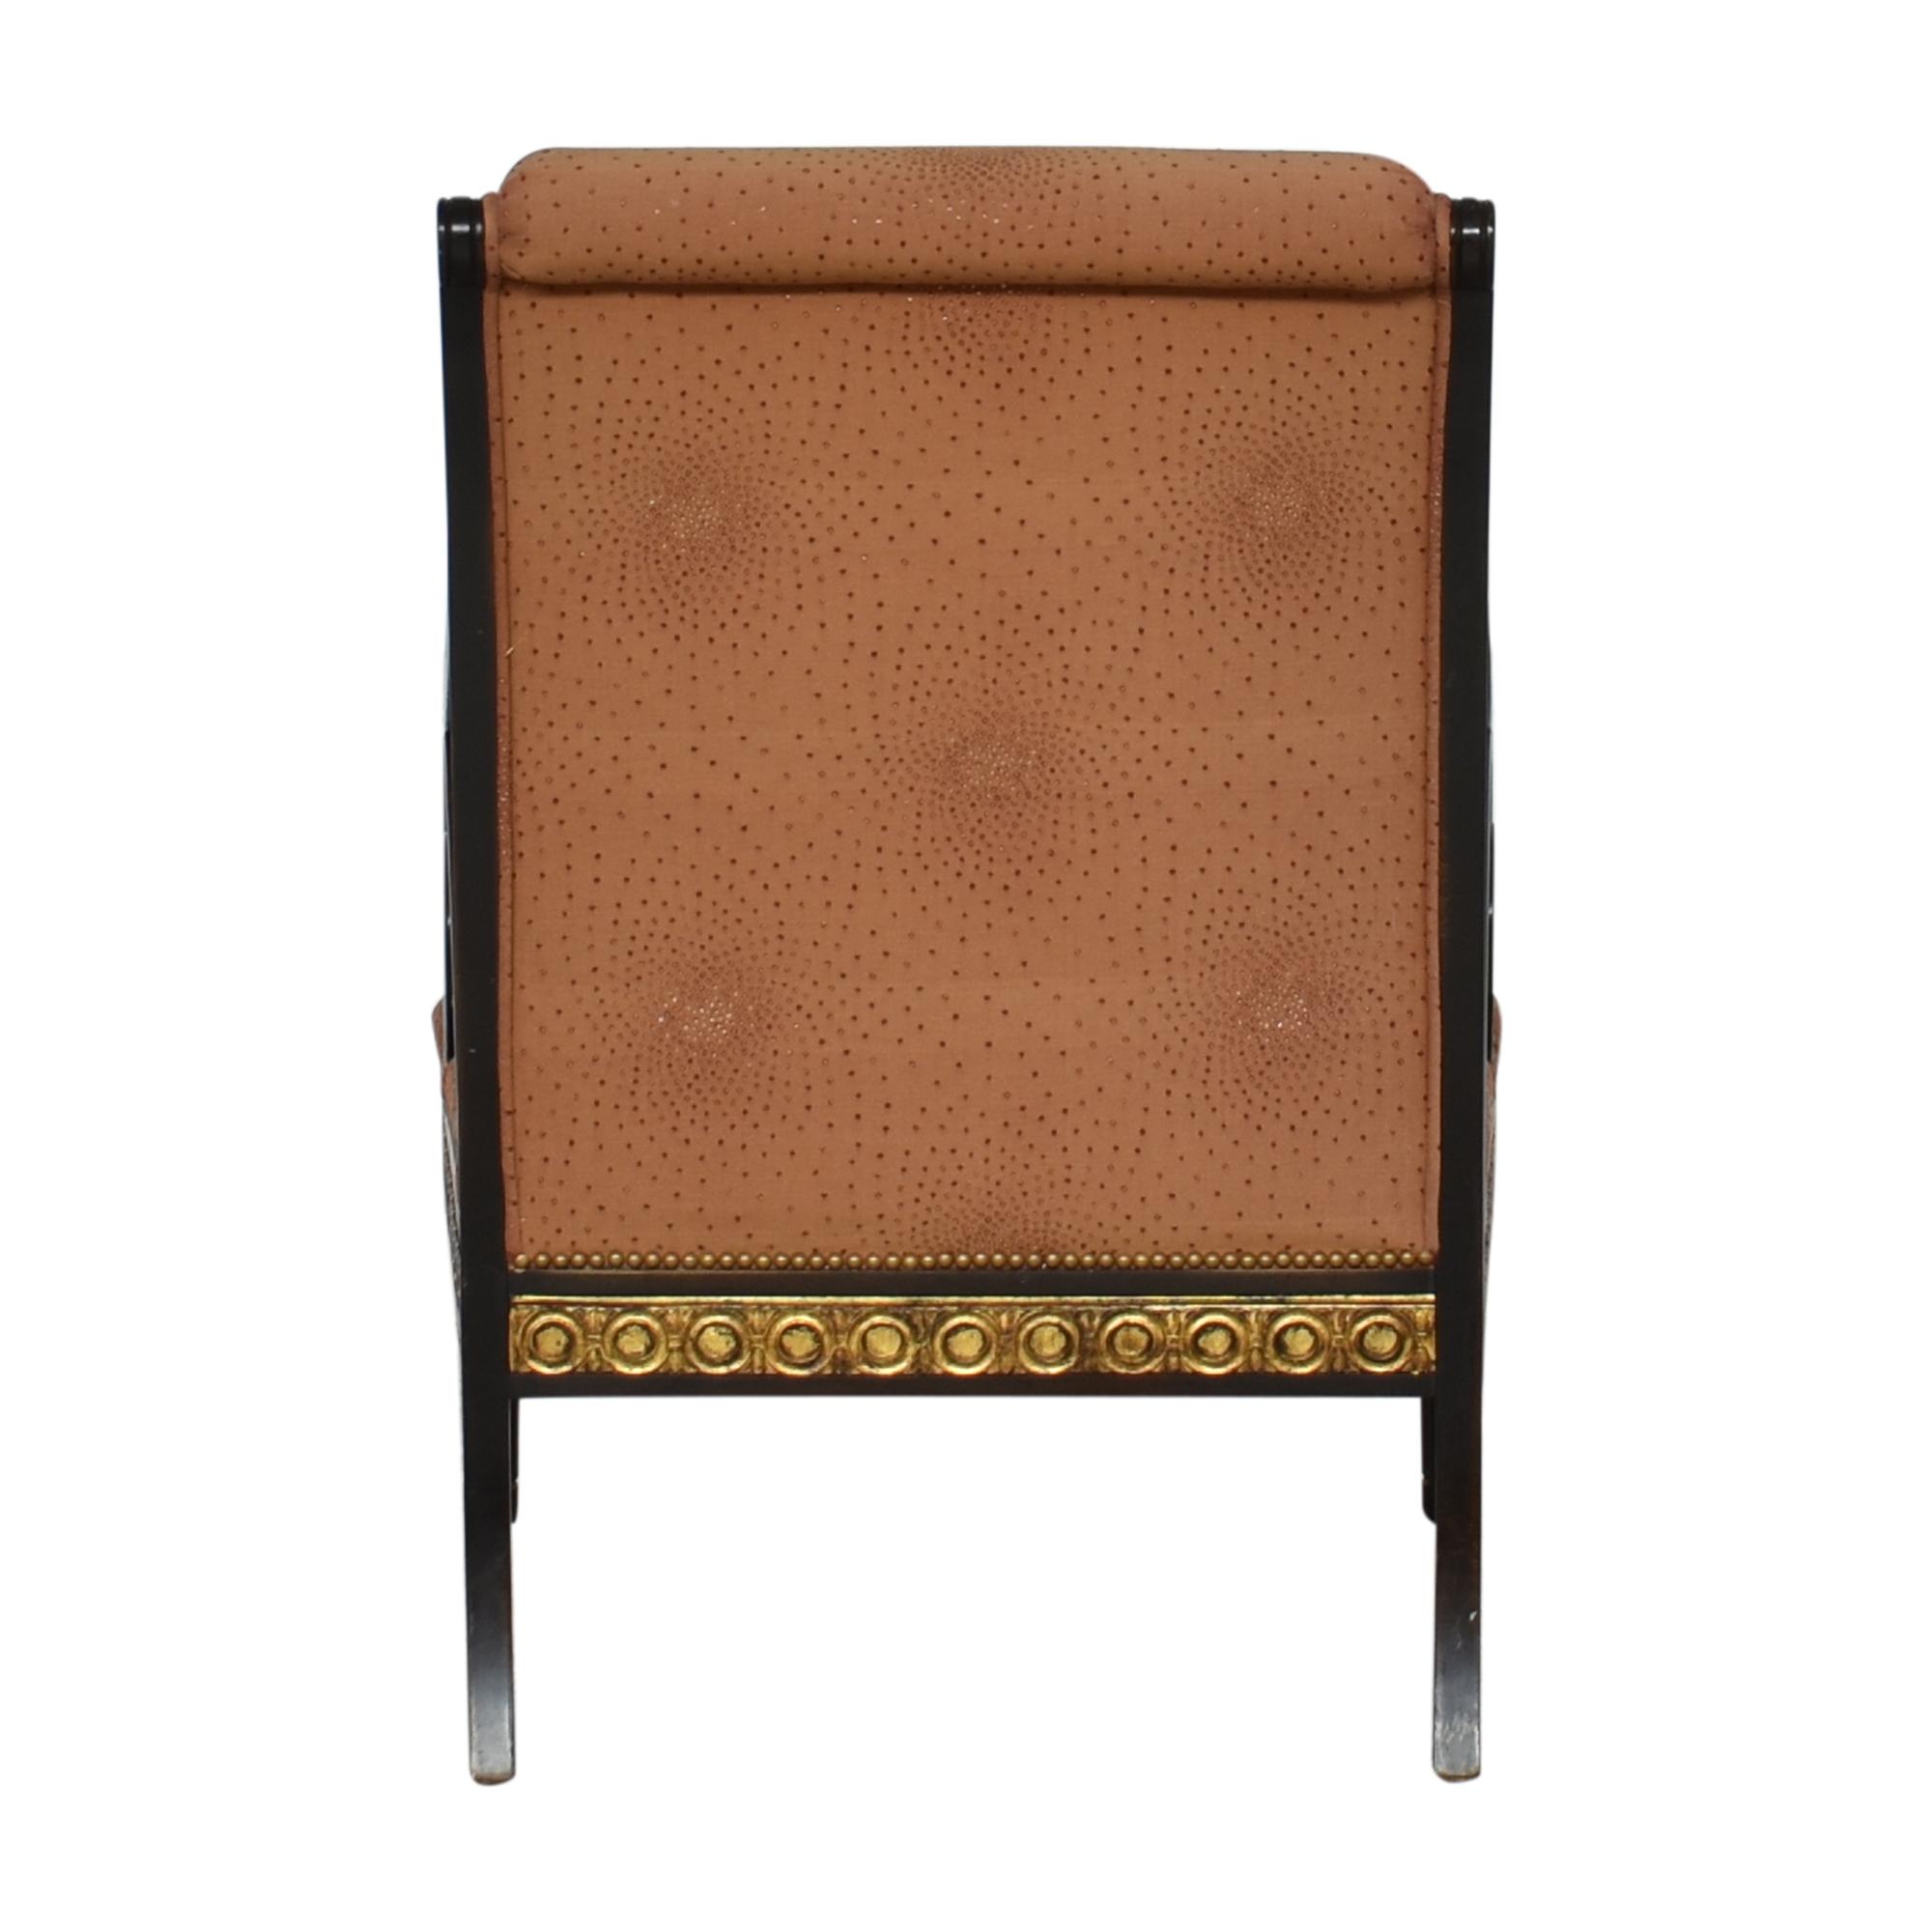 IMI Furniture IMI Furniture Scroll Arm Accent Chair discount